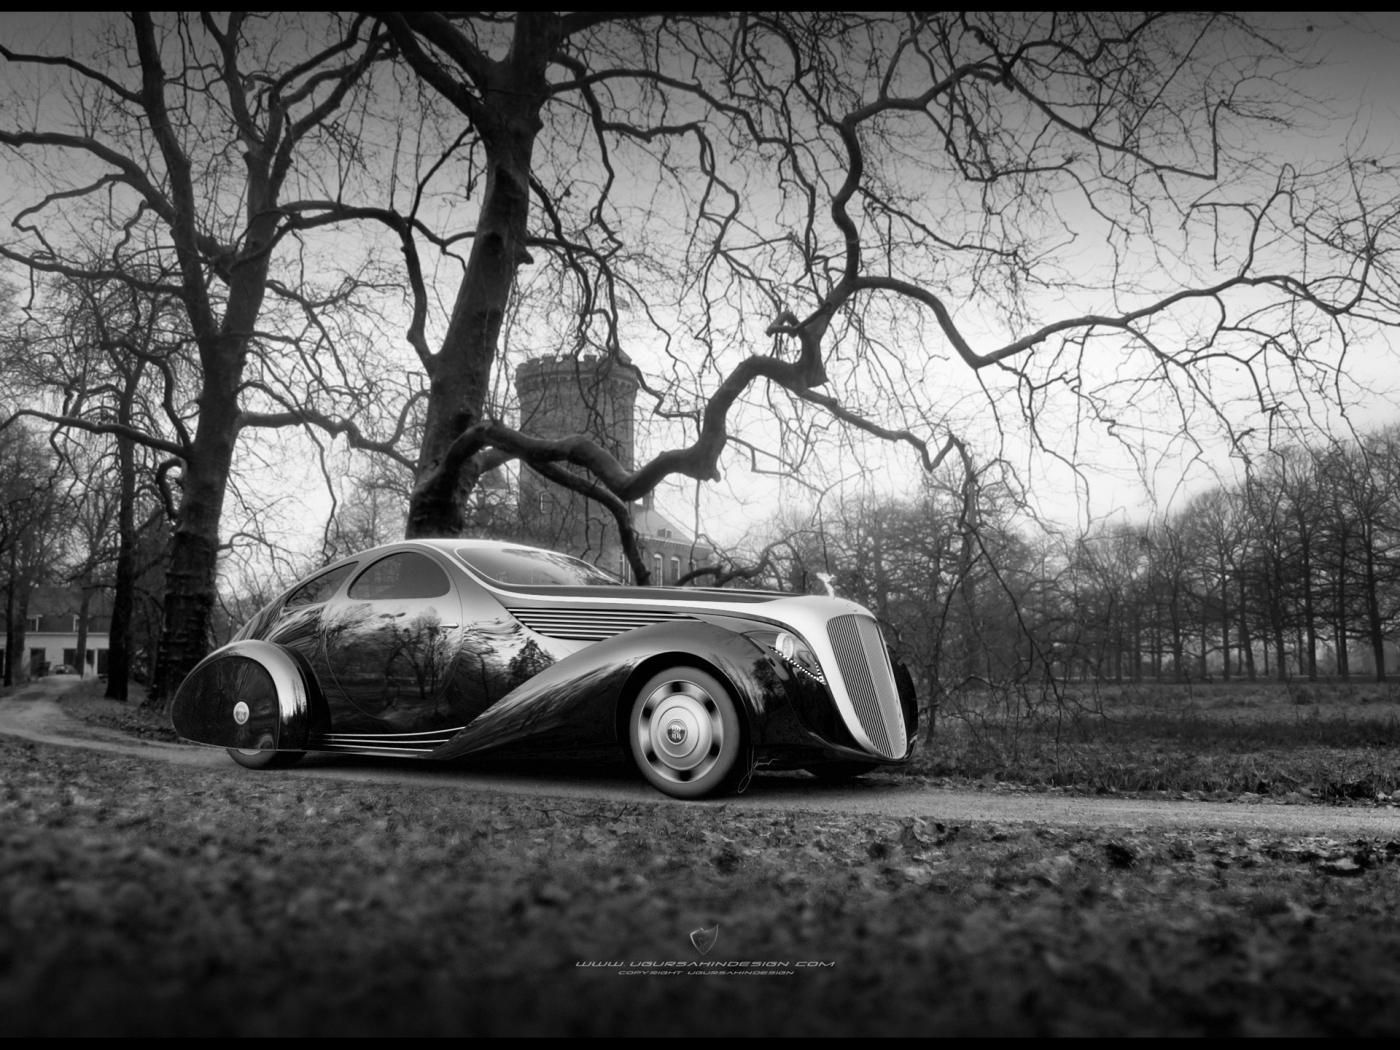 23251 скачать обои Транспорт, Машины, Ролс Ройс (Rolls-Royce) - заставки и картинки бесплатно